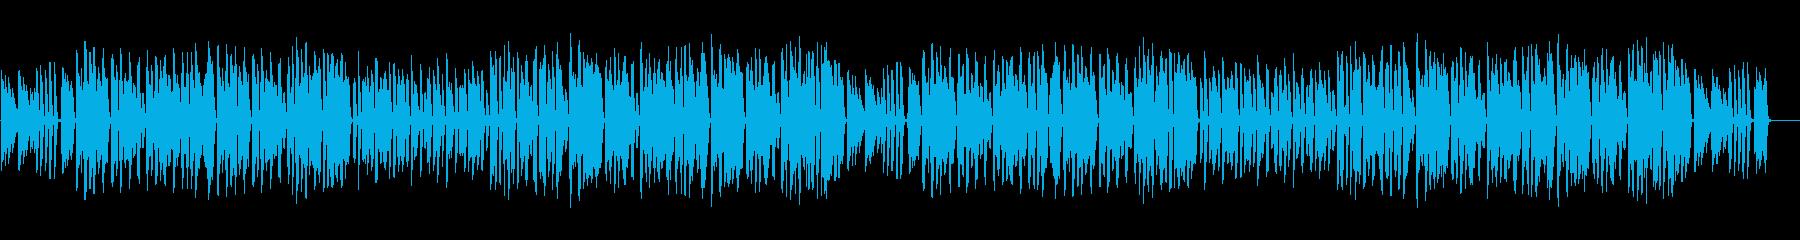 ピアノとリコーダーのほのぼの軽快な曲の再生済みの波形